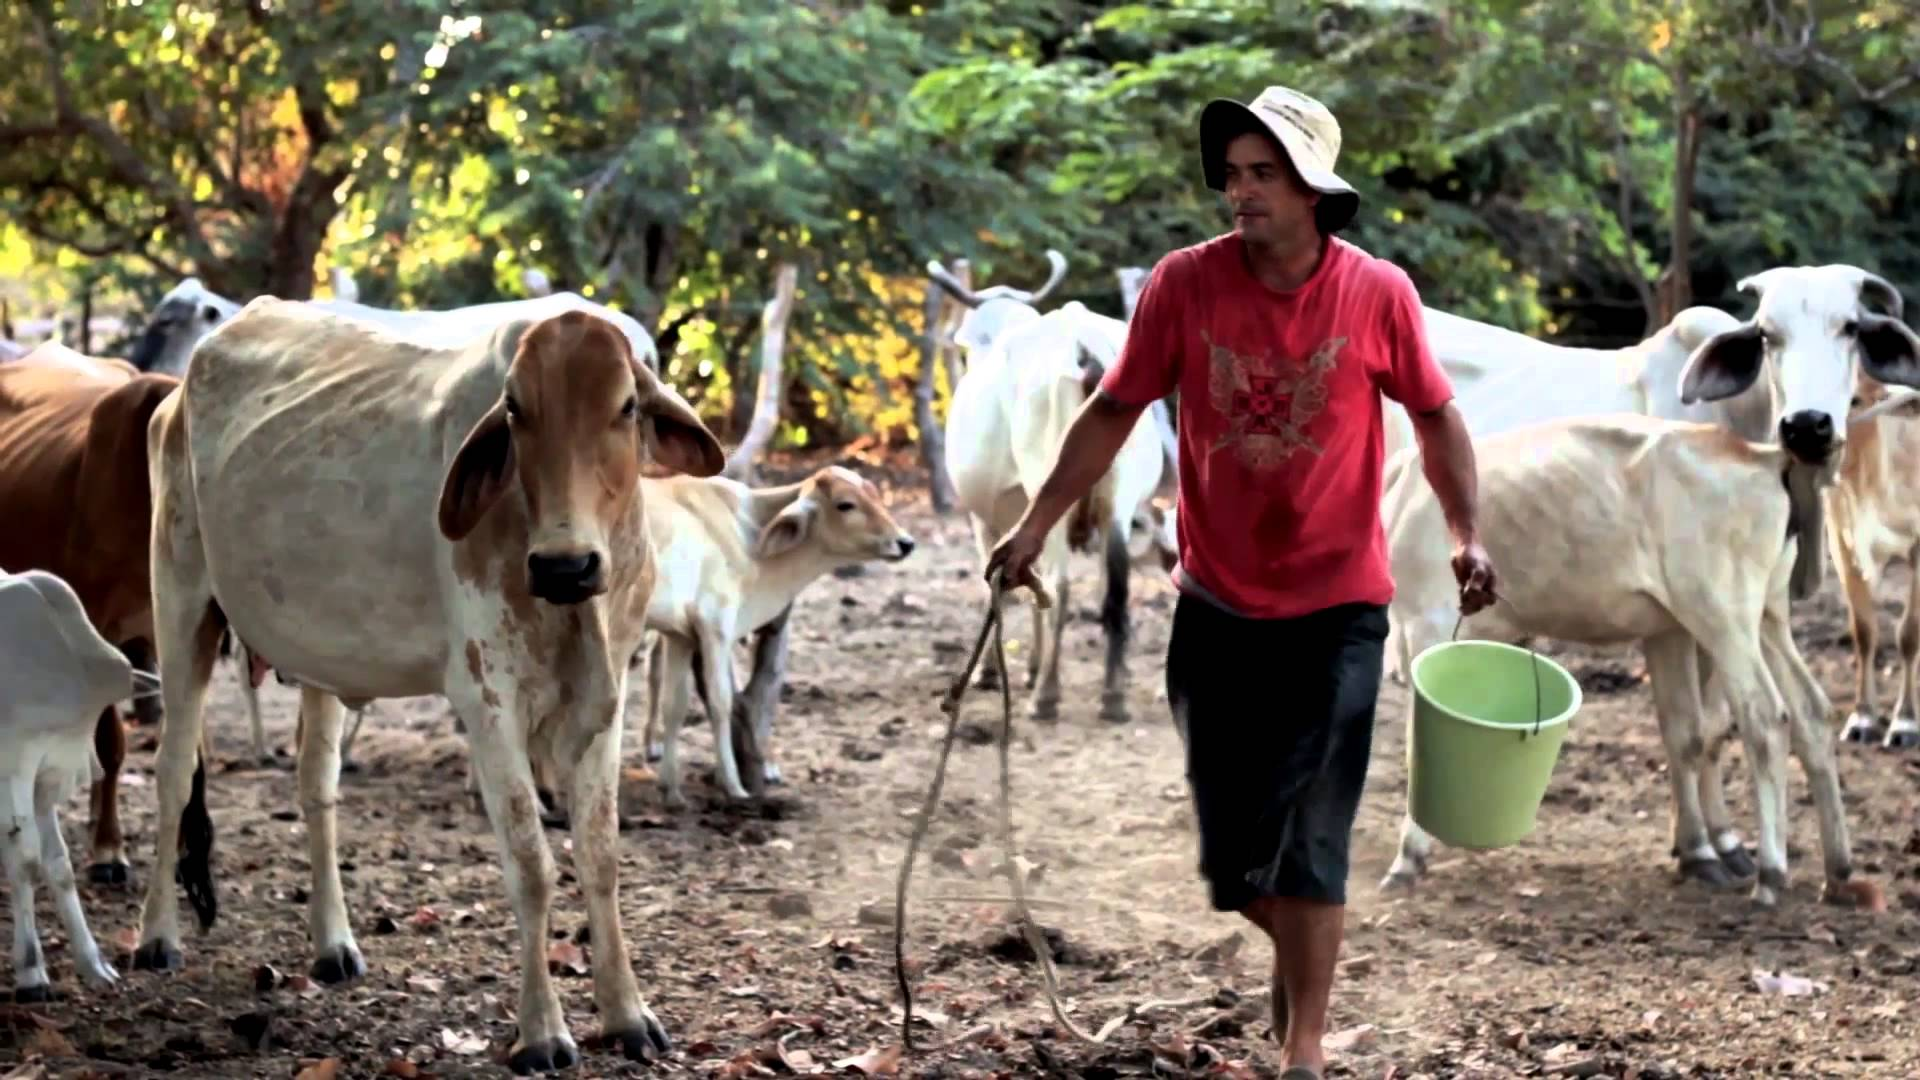 Ya son pocos los llaneros que practican esta tradición, hombres recios de esta zona de Colombia y Venezuela con voces entonadas que cuentan, además, que las vacas dan mejor leche si se les canta y las acarician